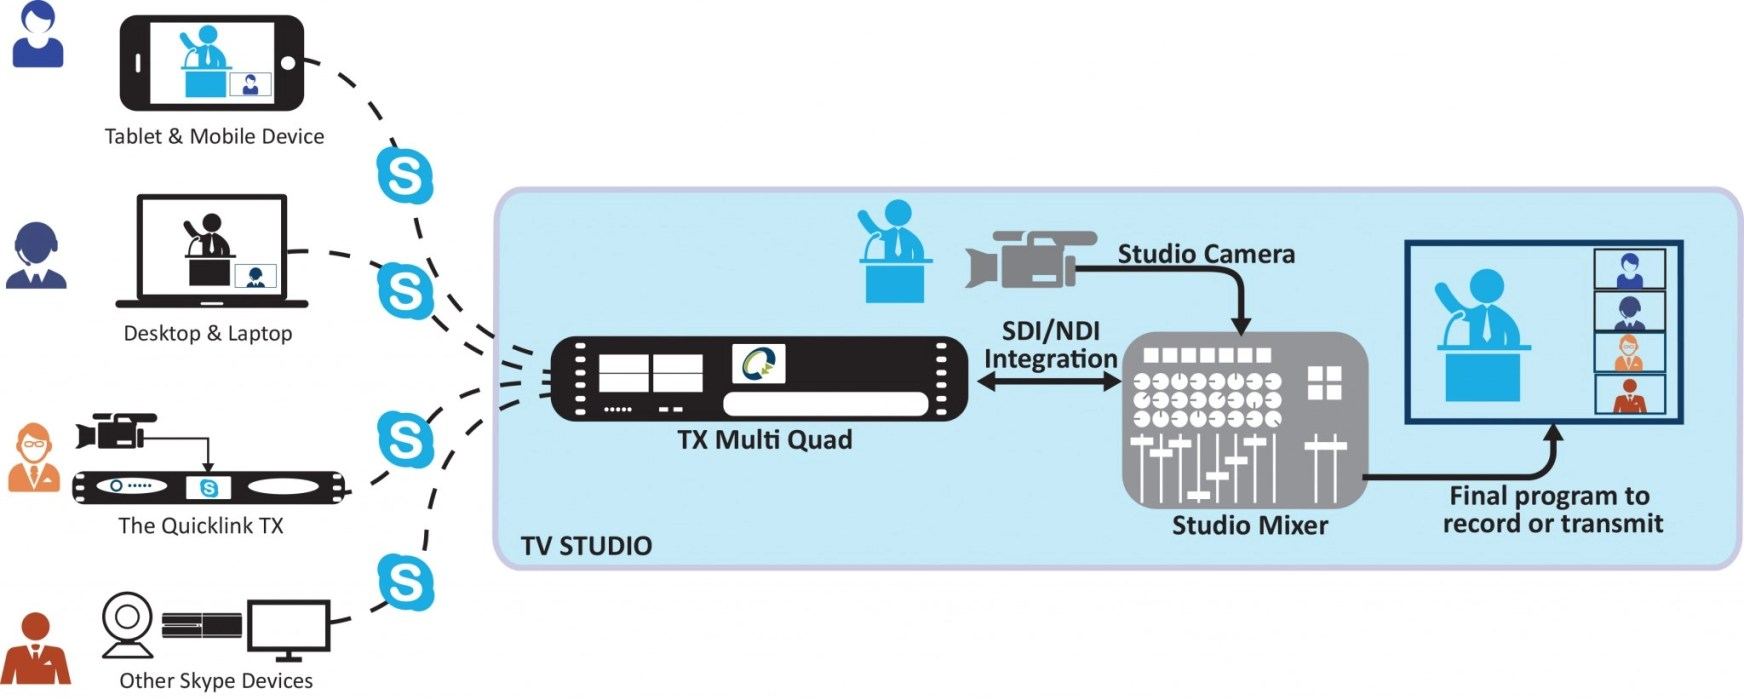 TX_Multi diagram